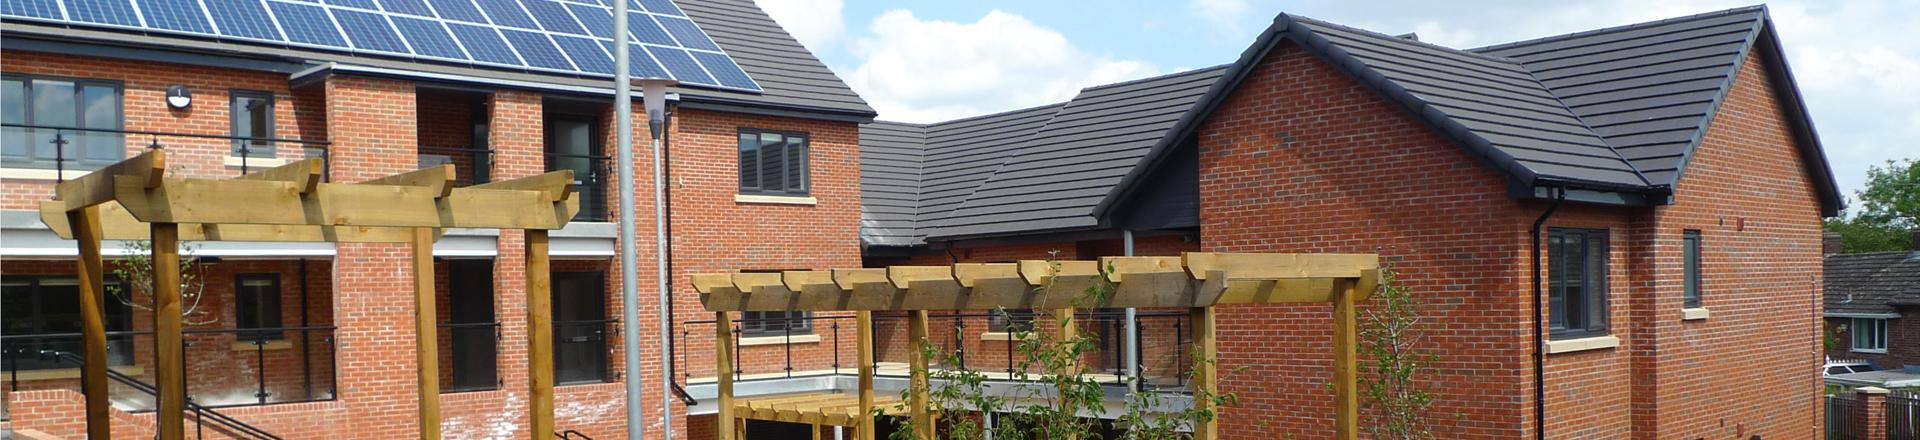 Homes in Sevenairs Road, Beighton